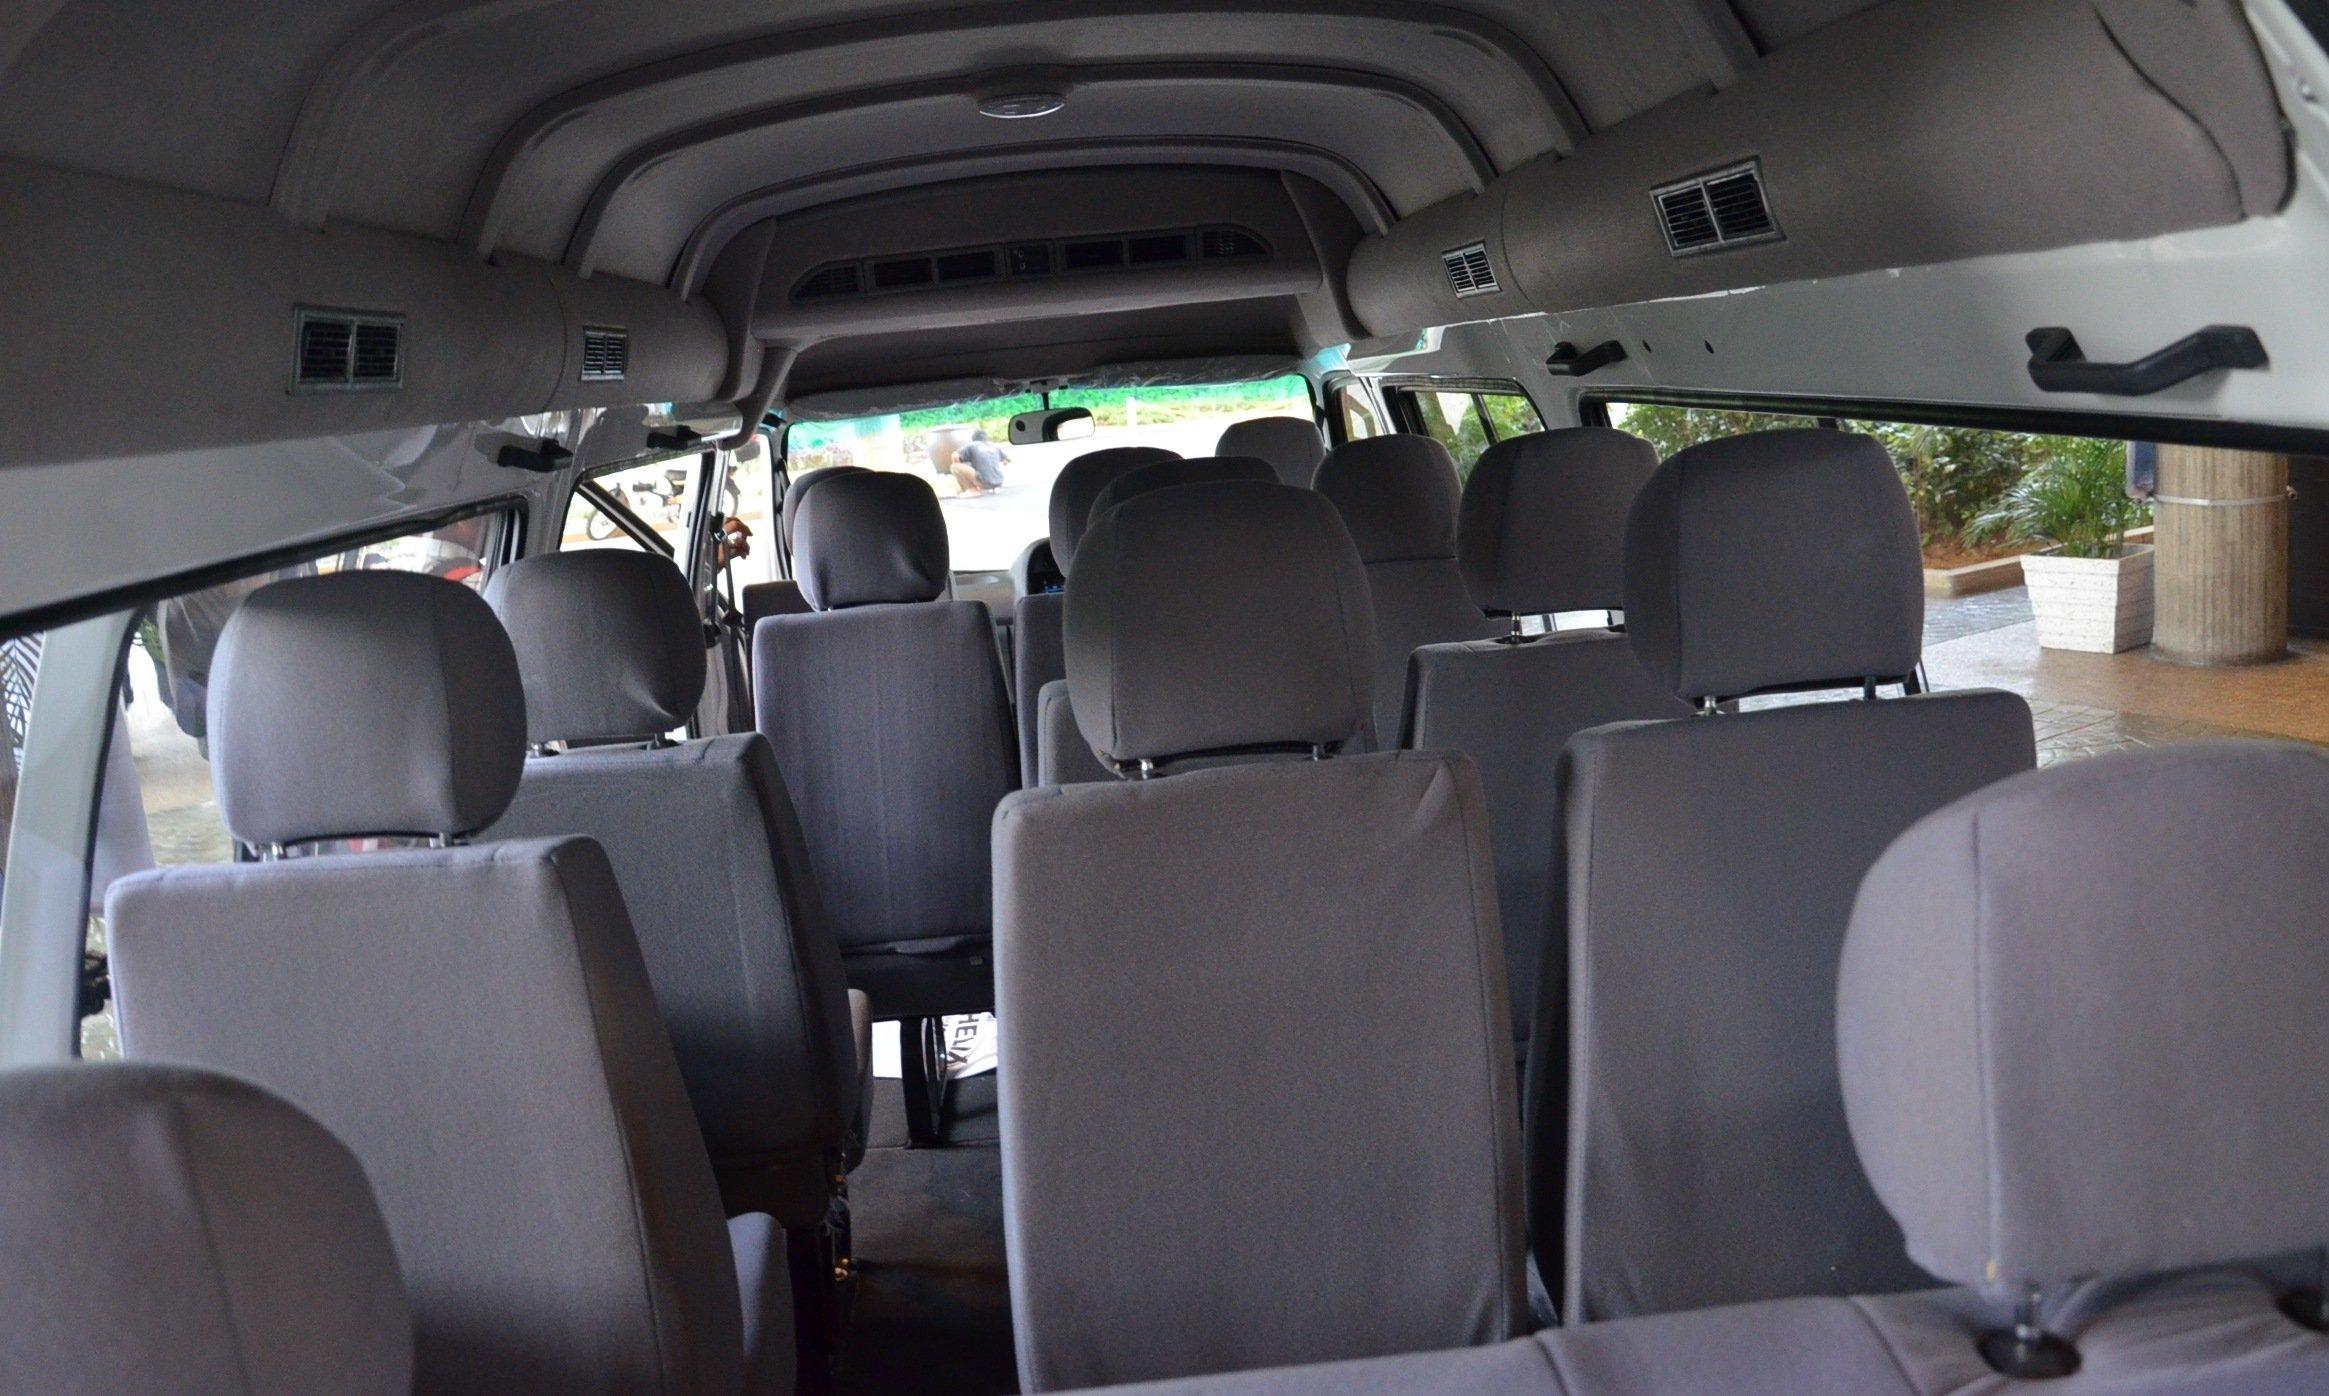 Foton View 14 Seater Window Van Debuts Paul Tan Image